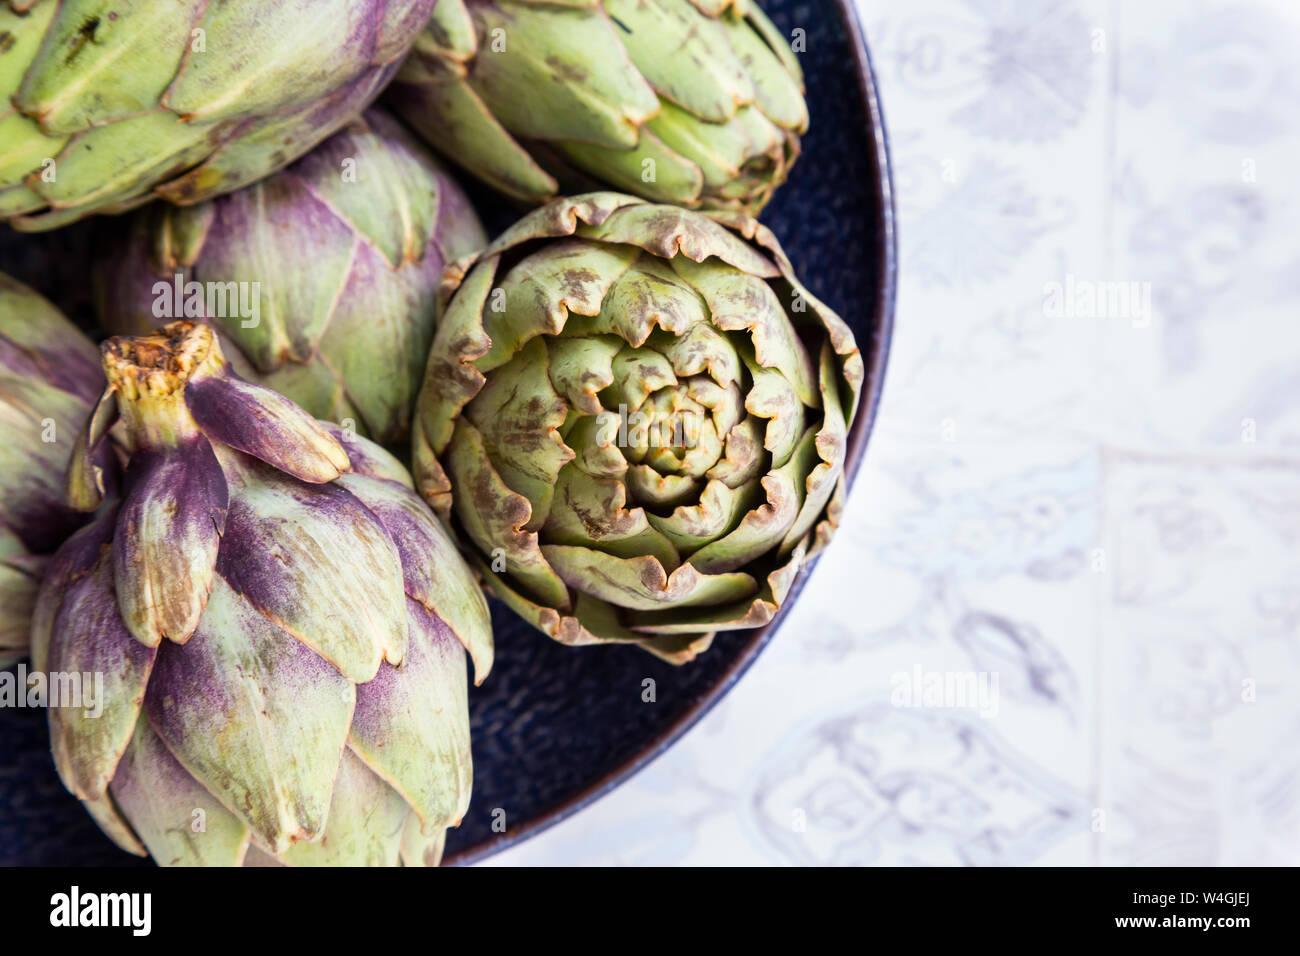 Italian bio artichokes in bowl, from above Stock Photo